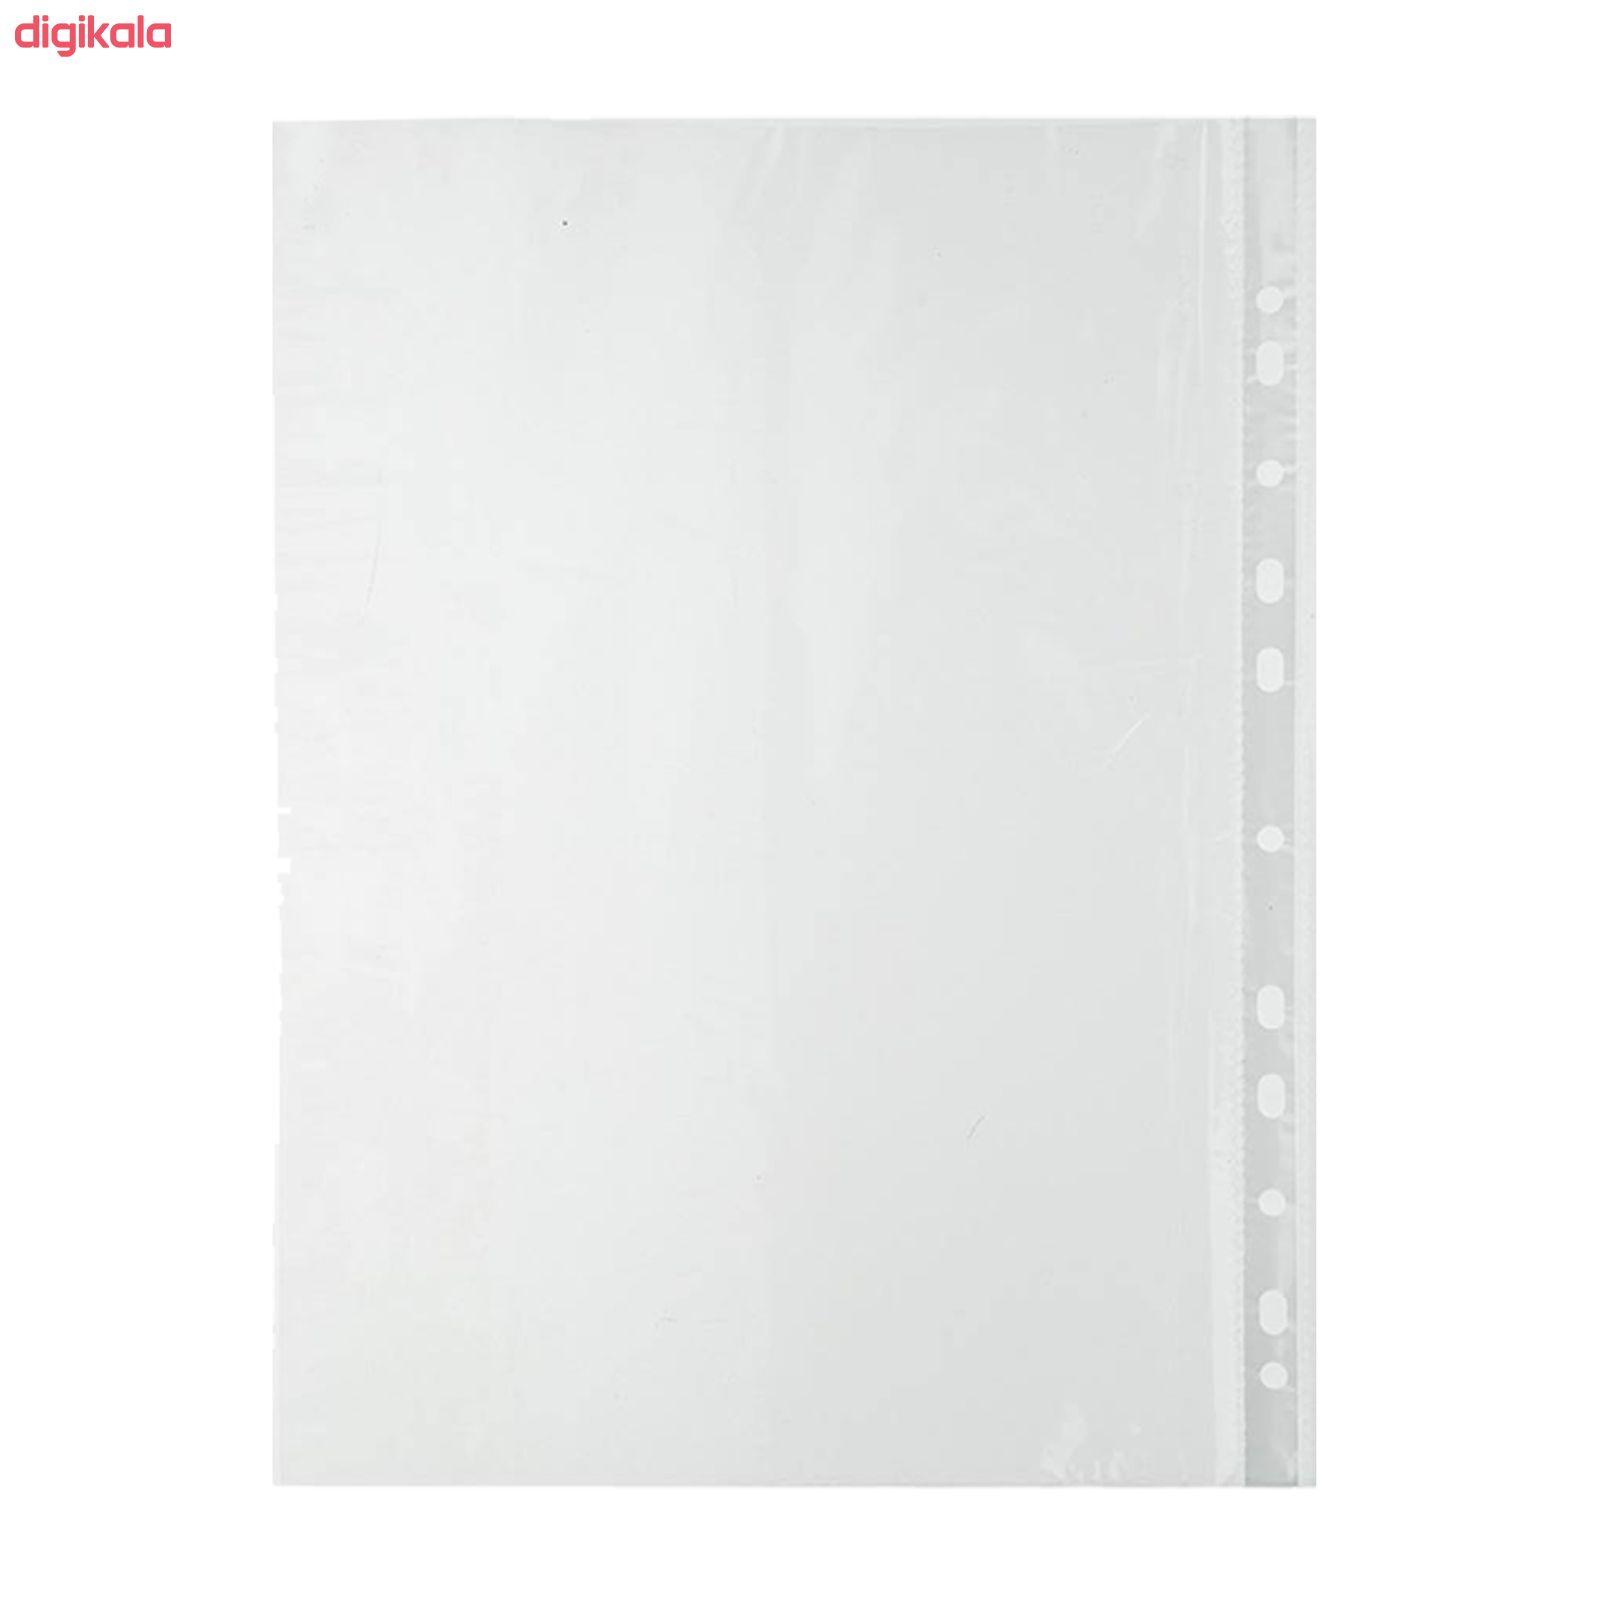 کاور کاغذ A4 کد S.A.M224 بسته 10 عددی main 1 1